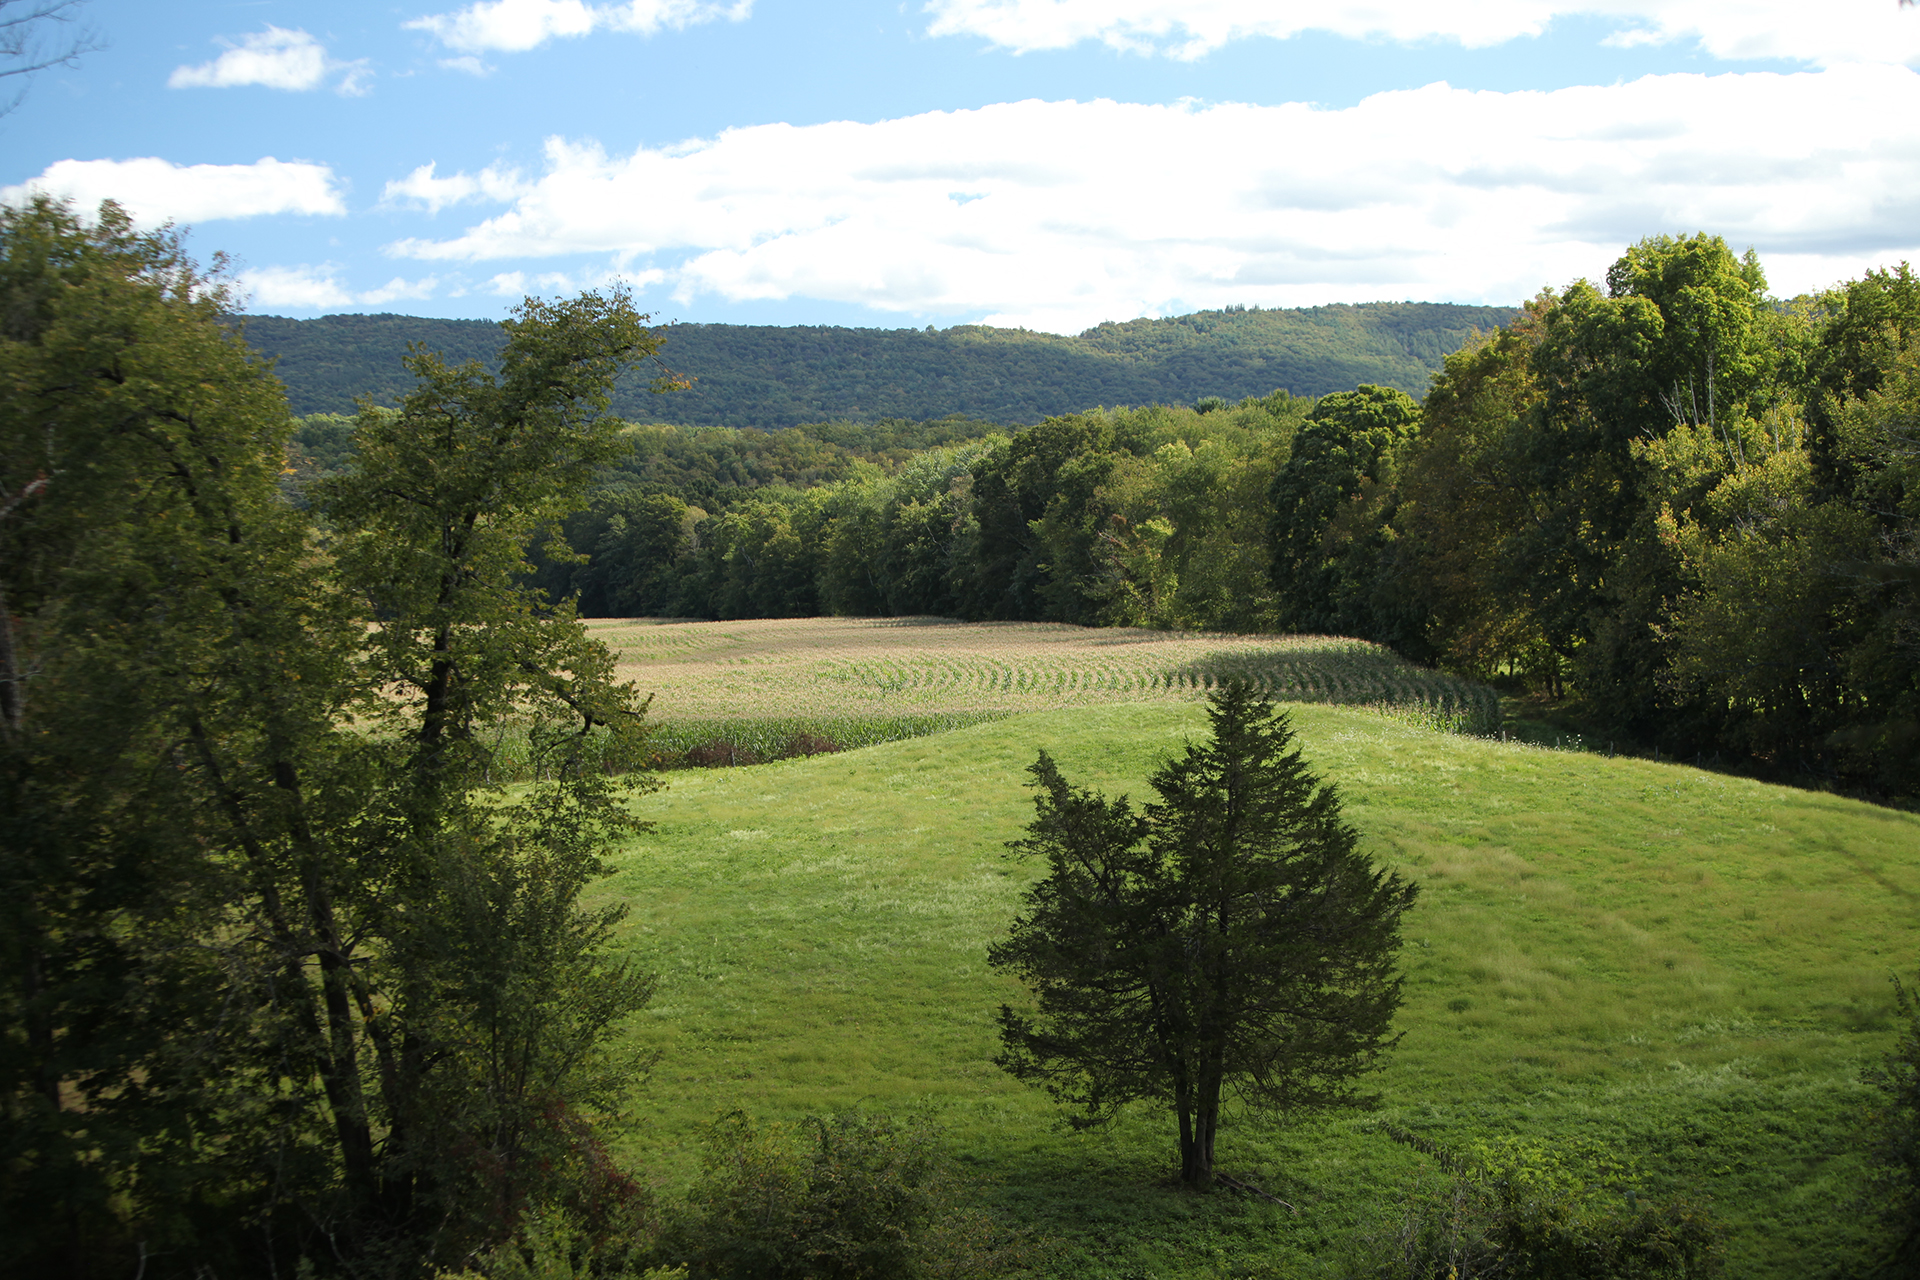 View of the Shawangunk Ridge beyond hay and corn fields